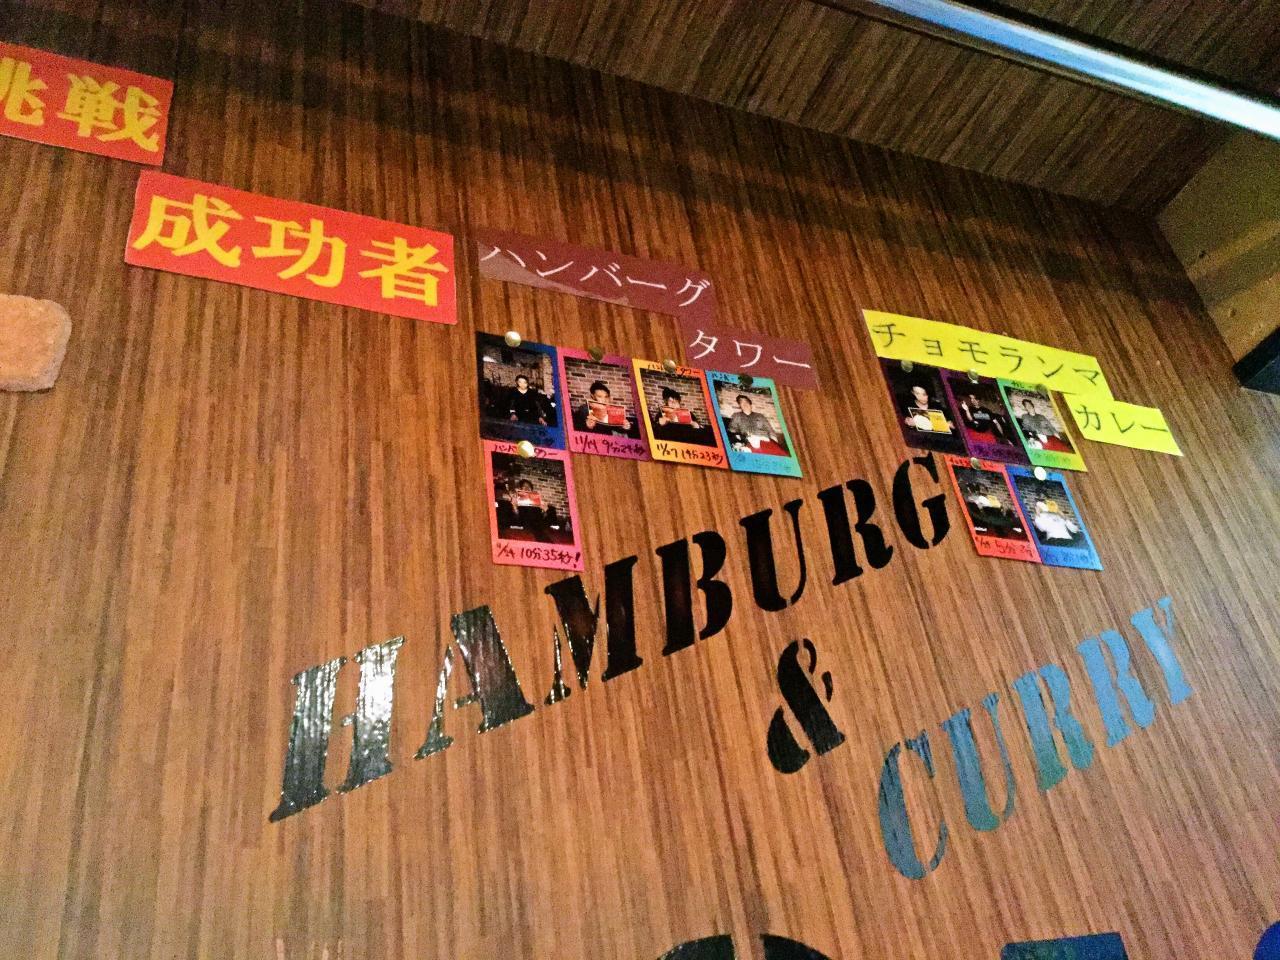 ハンバーグ&カレー919新橋駅SL広場前店(店内)